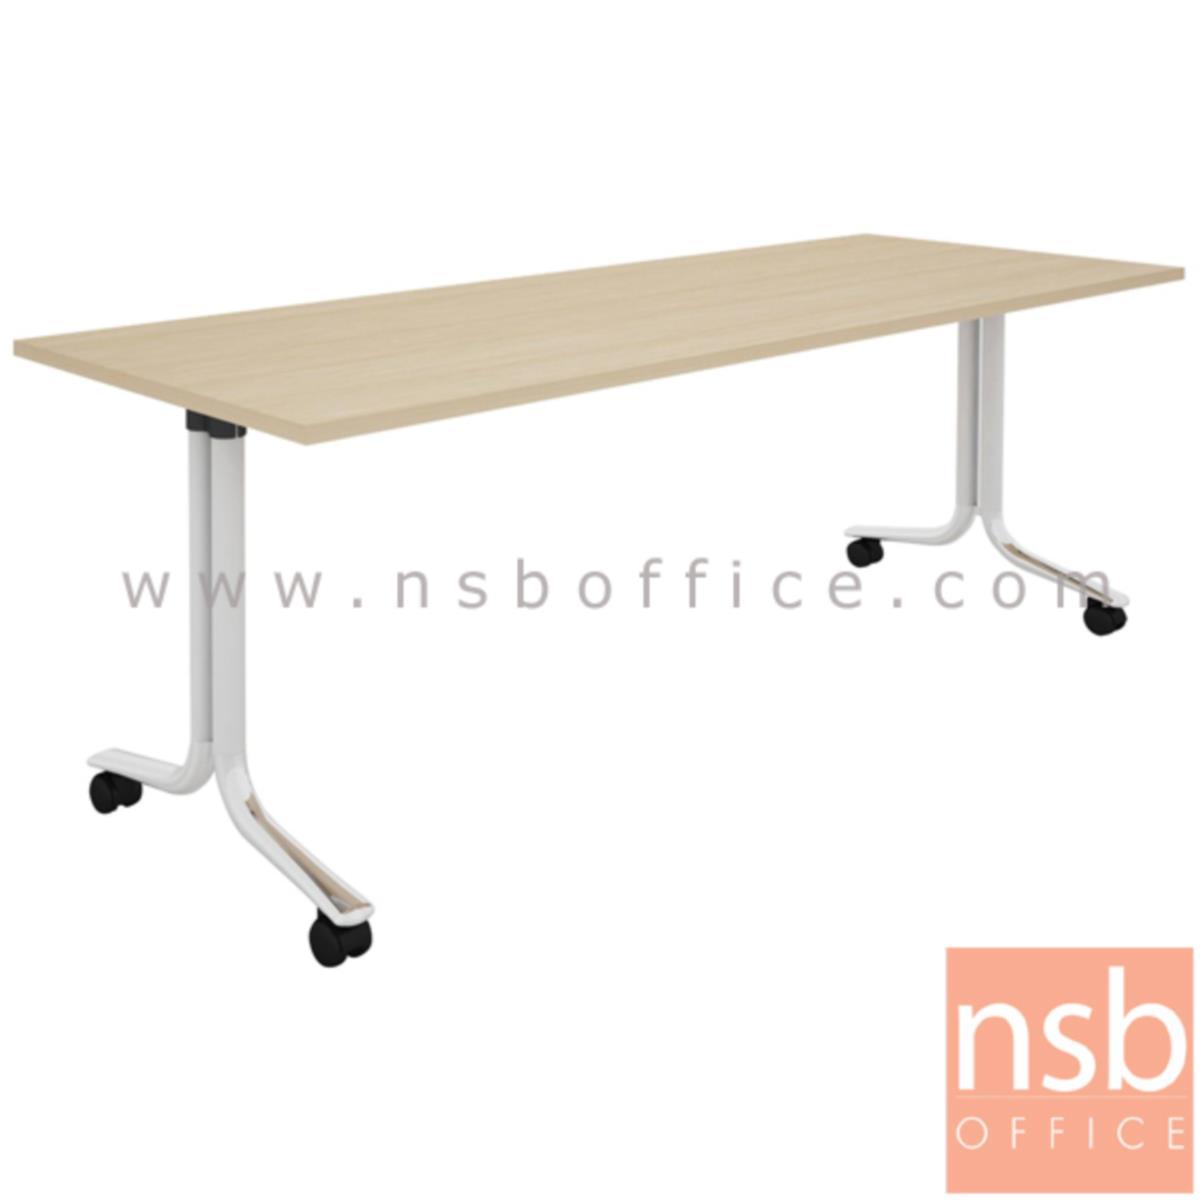 A18A085:โต๊ะประชุมพับเก็บได้ล้อเลื่อน รุ่น MN-1570 ขนาด 150W ,180W cm. ขาเหล็ก